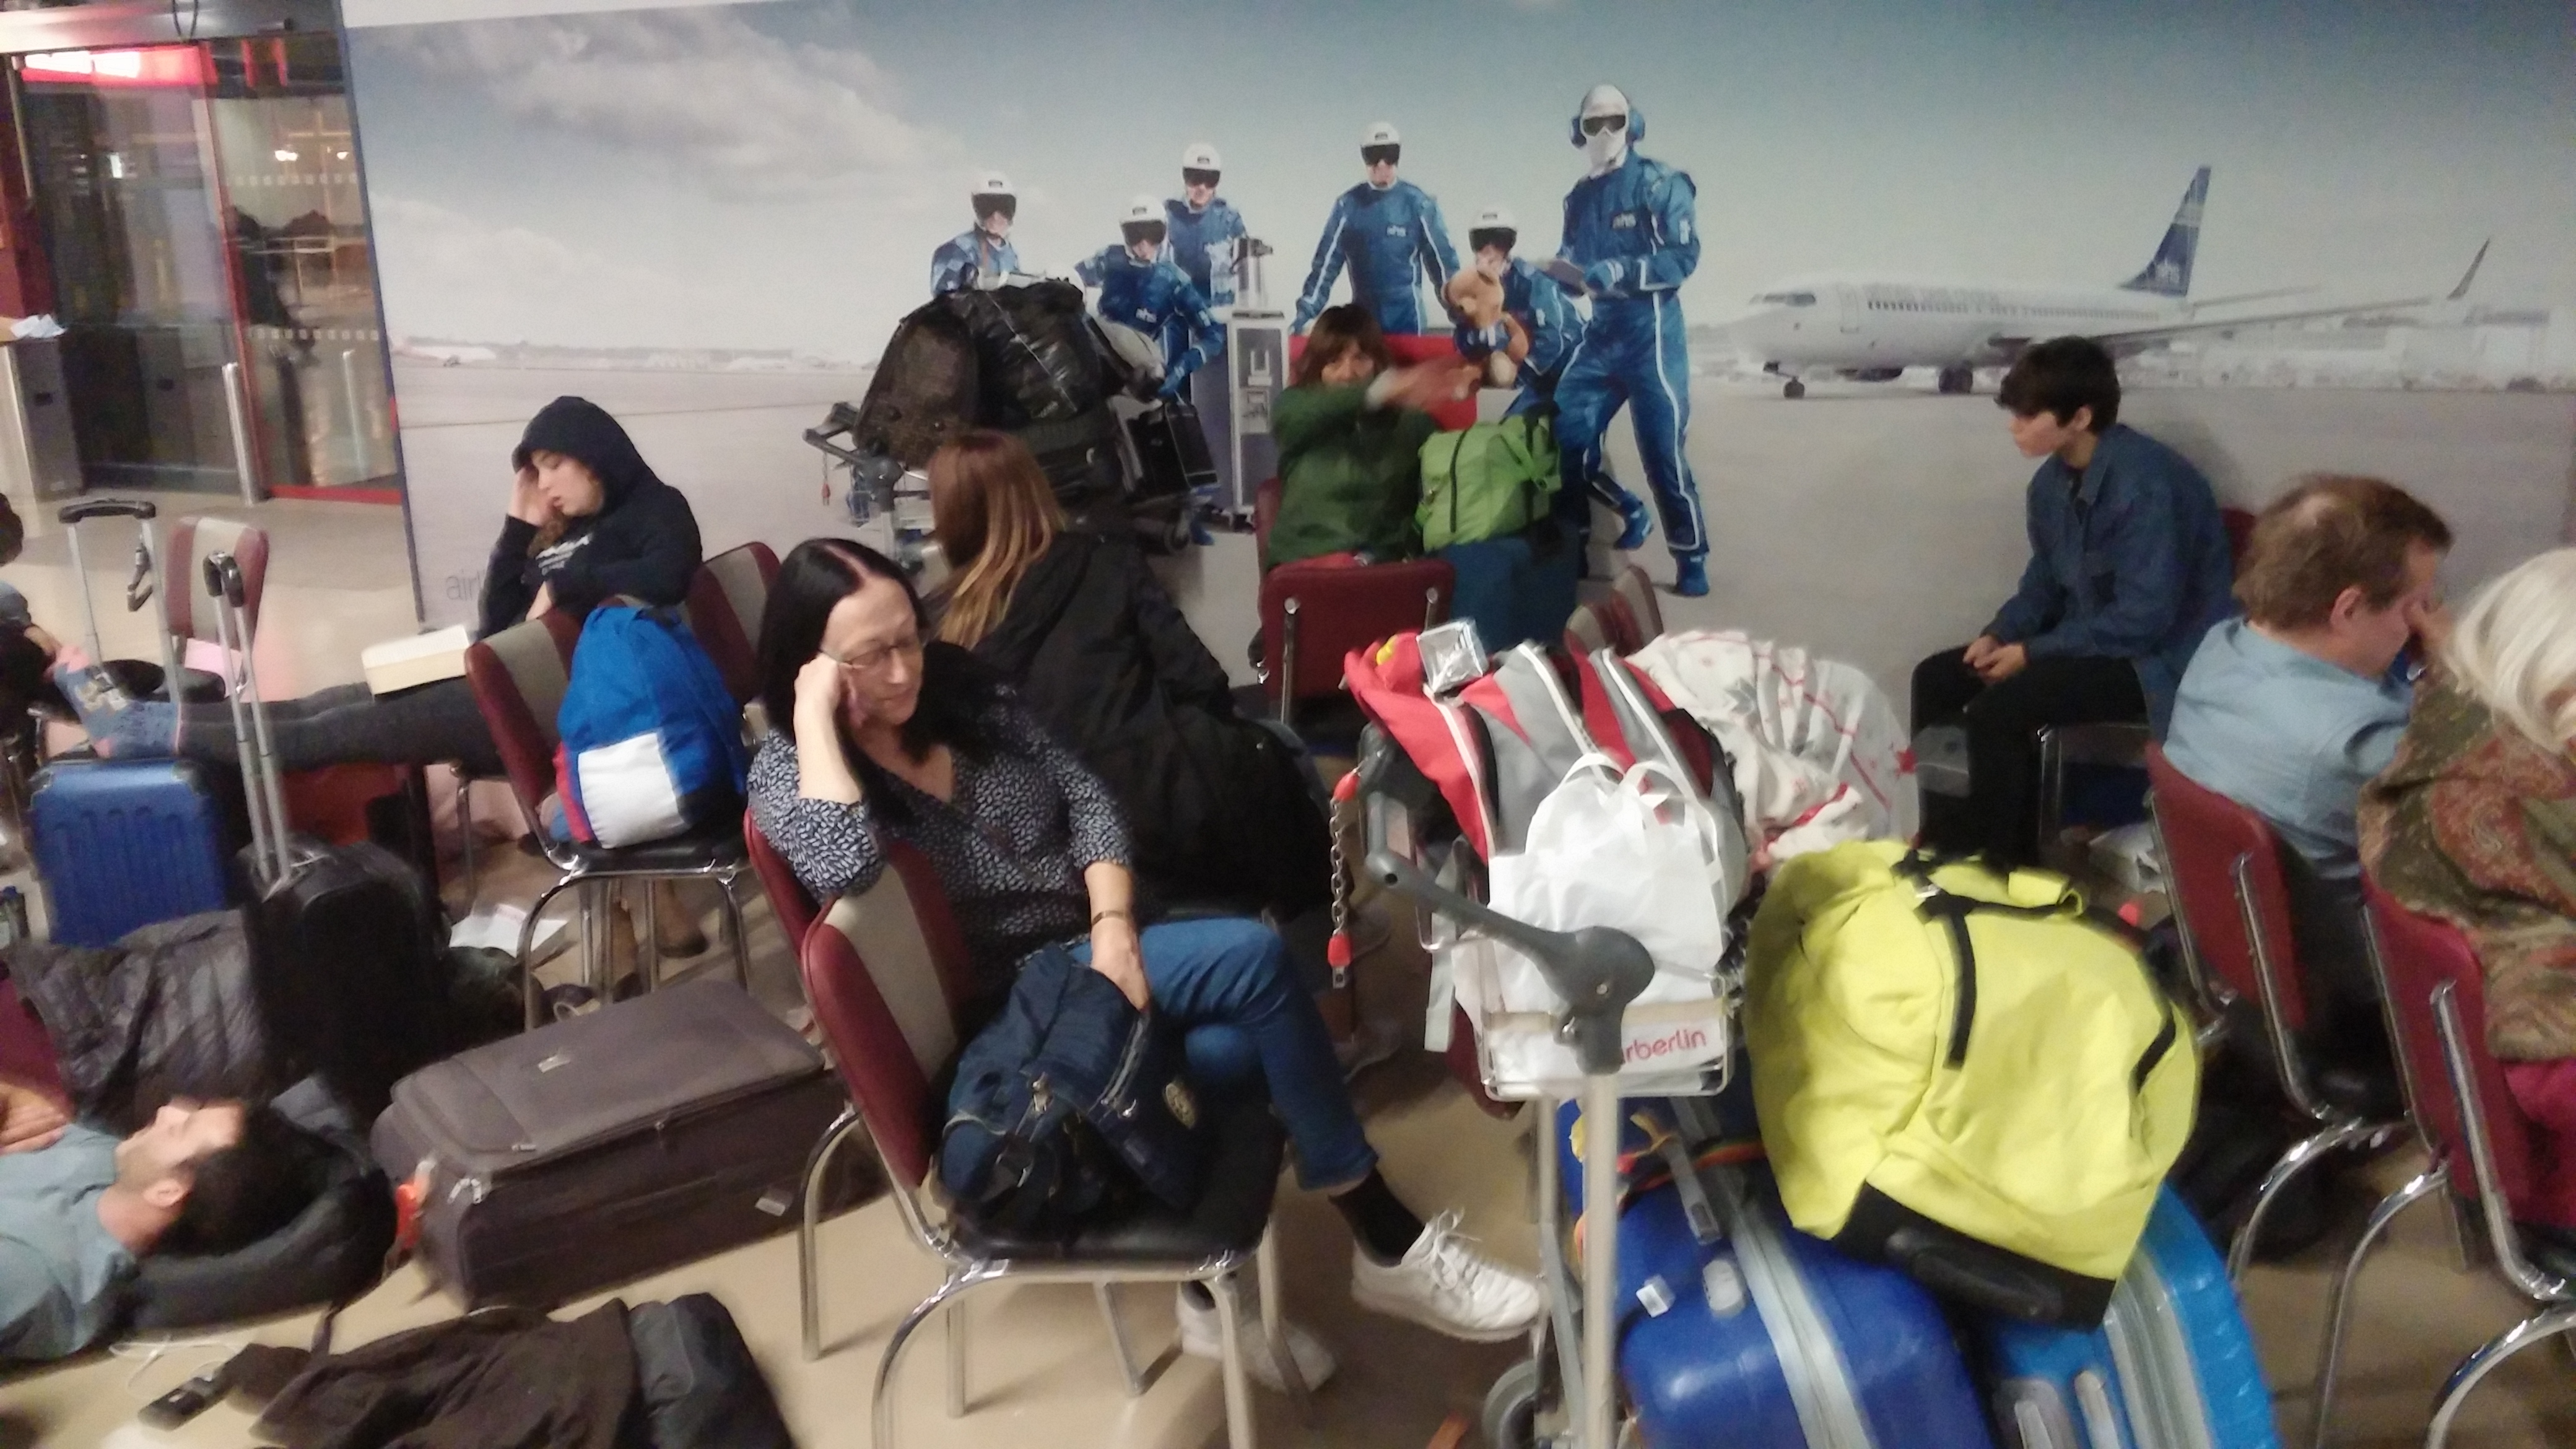 נוסעים ישראלים של החברה תקועים בשדה תעופה בגרמניה לפני מספר שבועות (צילום: מאיר פלג)